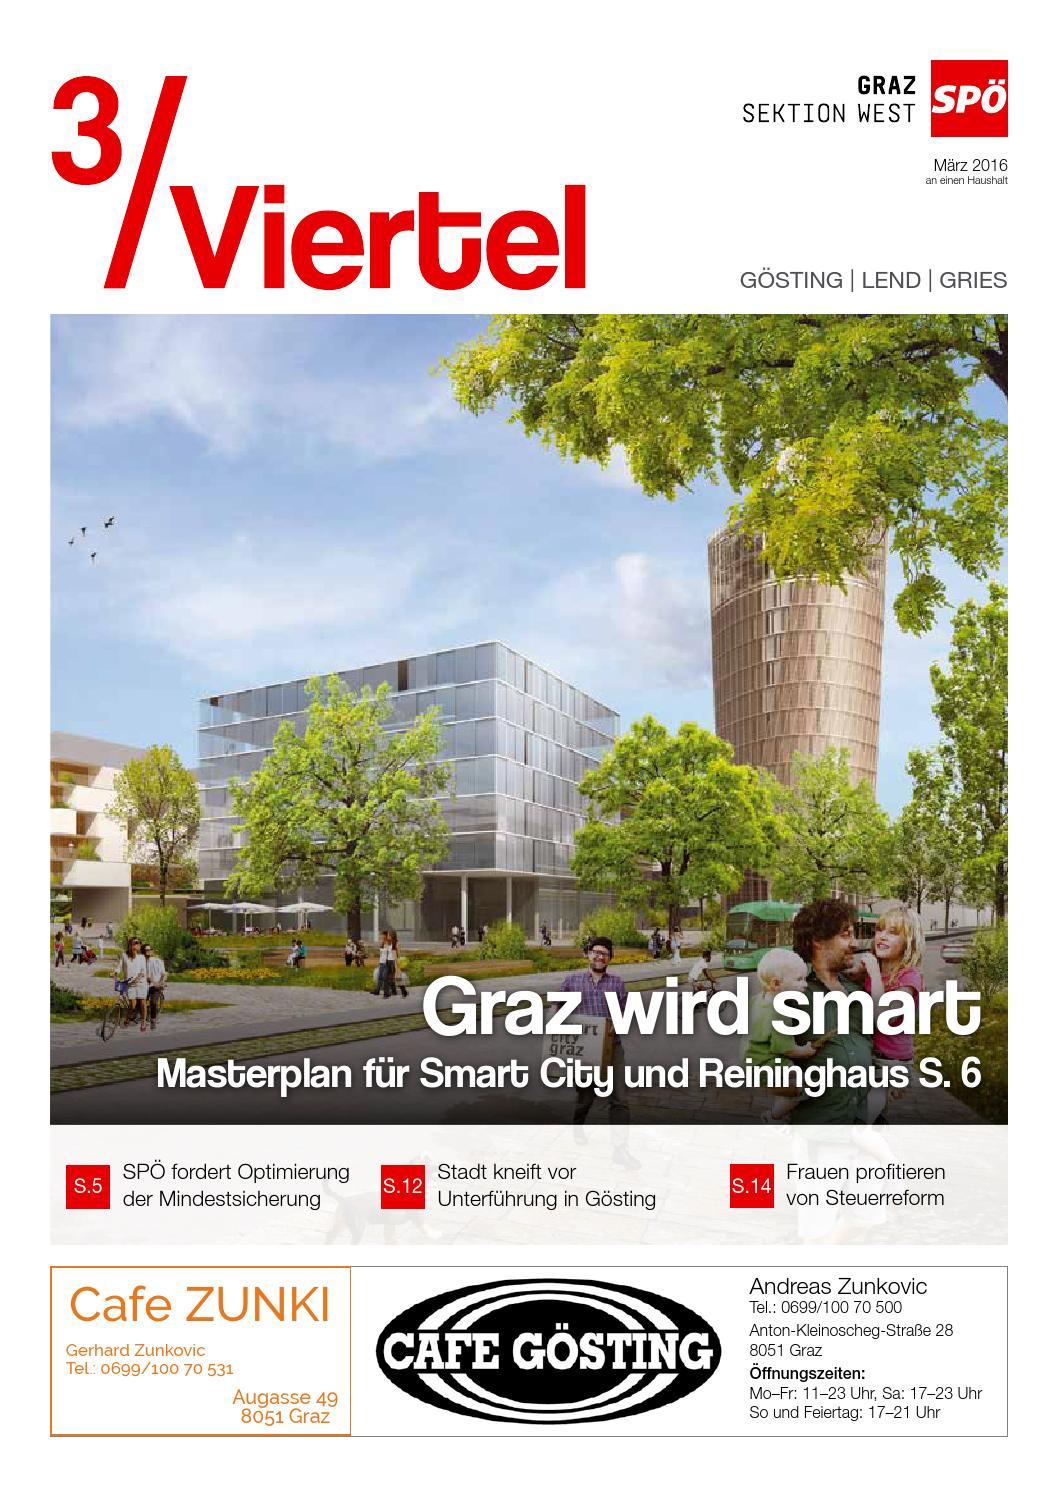 Partnersuche Fr Singles Ohne Niveau Wilhelmsburg, Mann